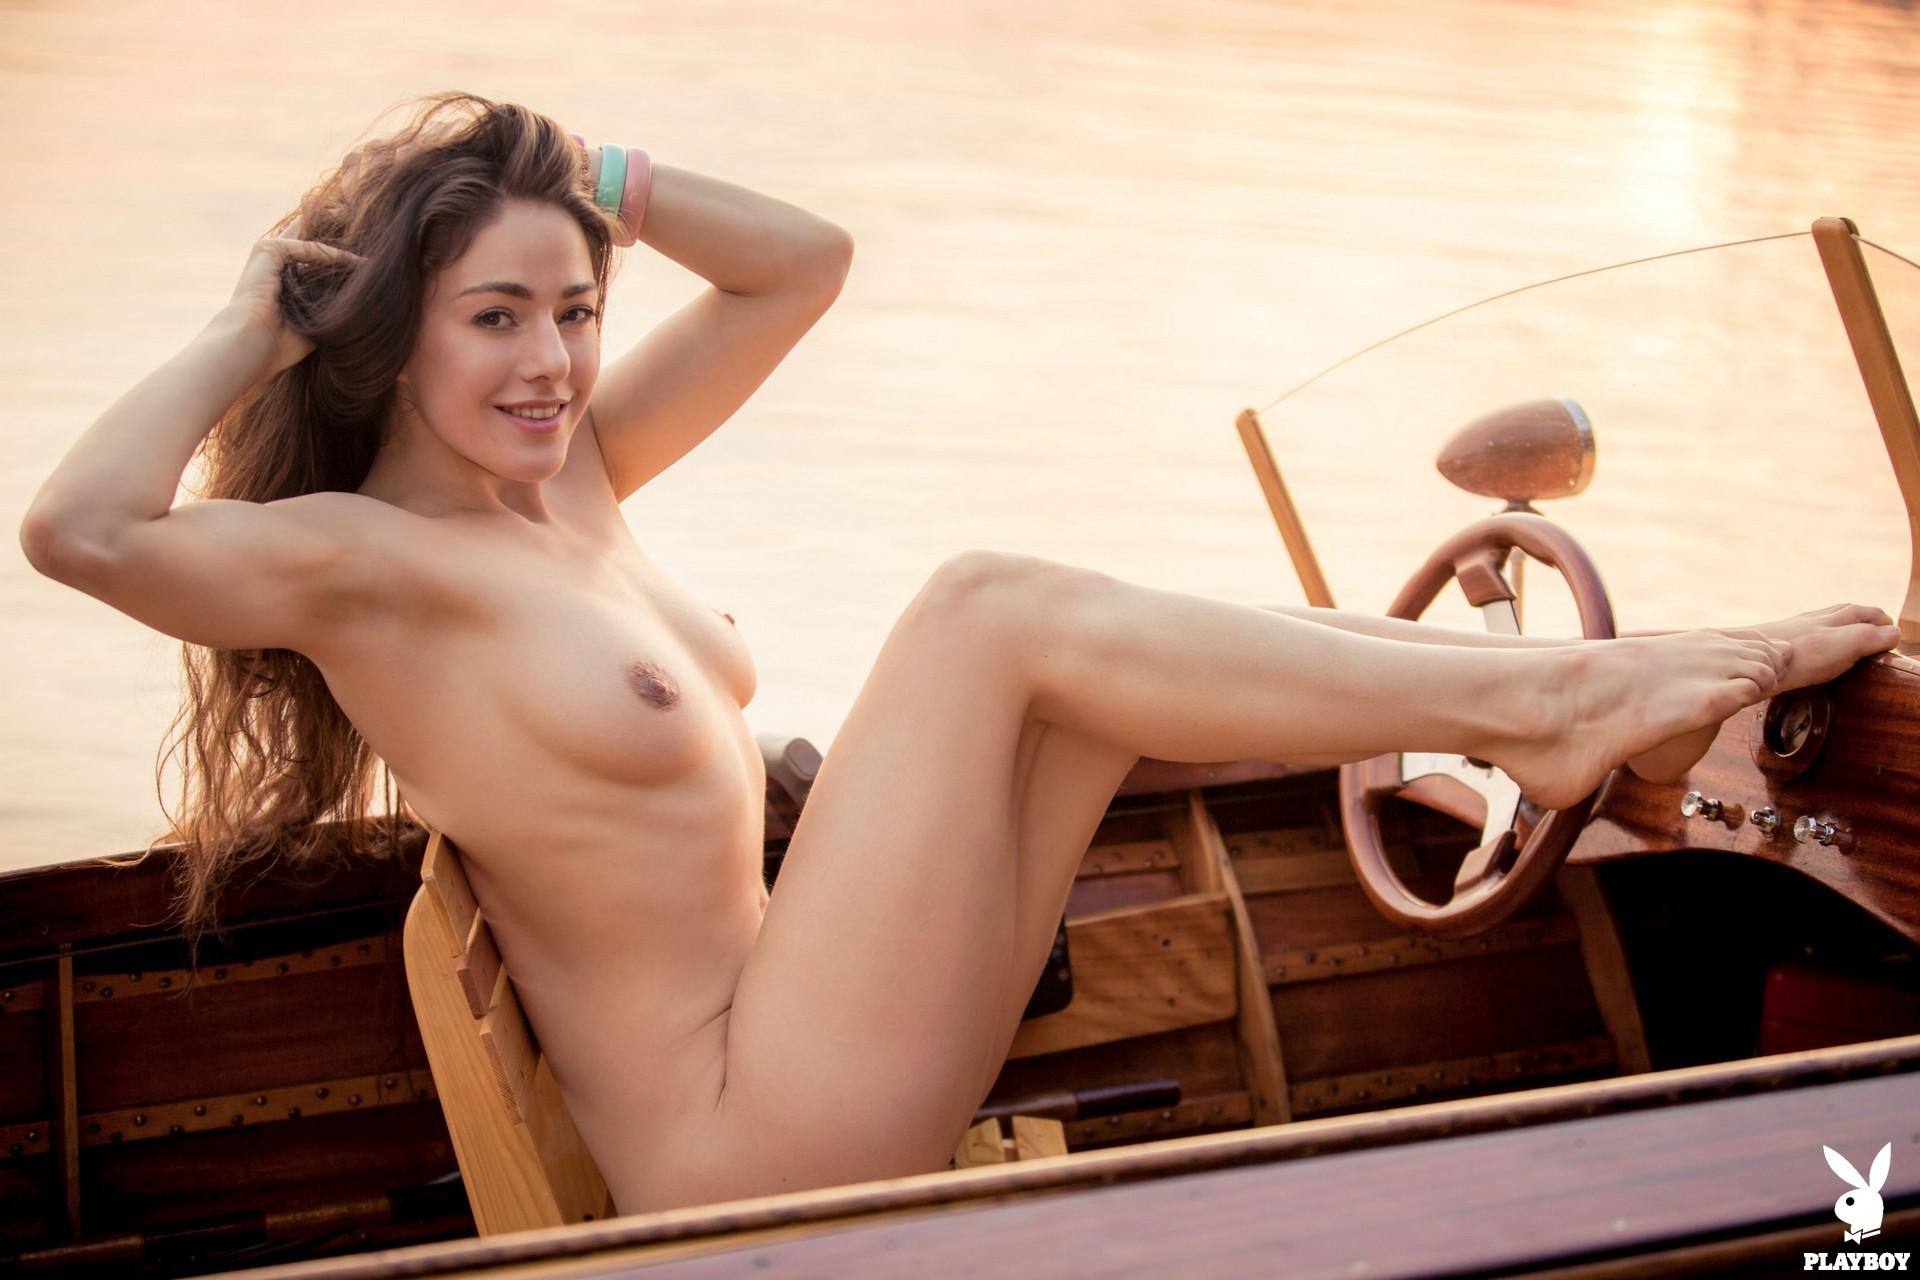 Joy Draiki in Sensational Voyage - Playboy Plus 37